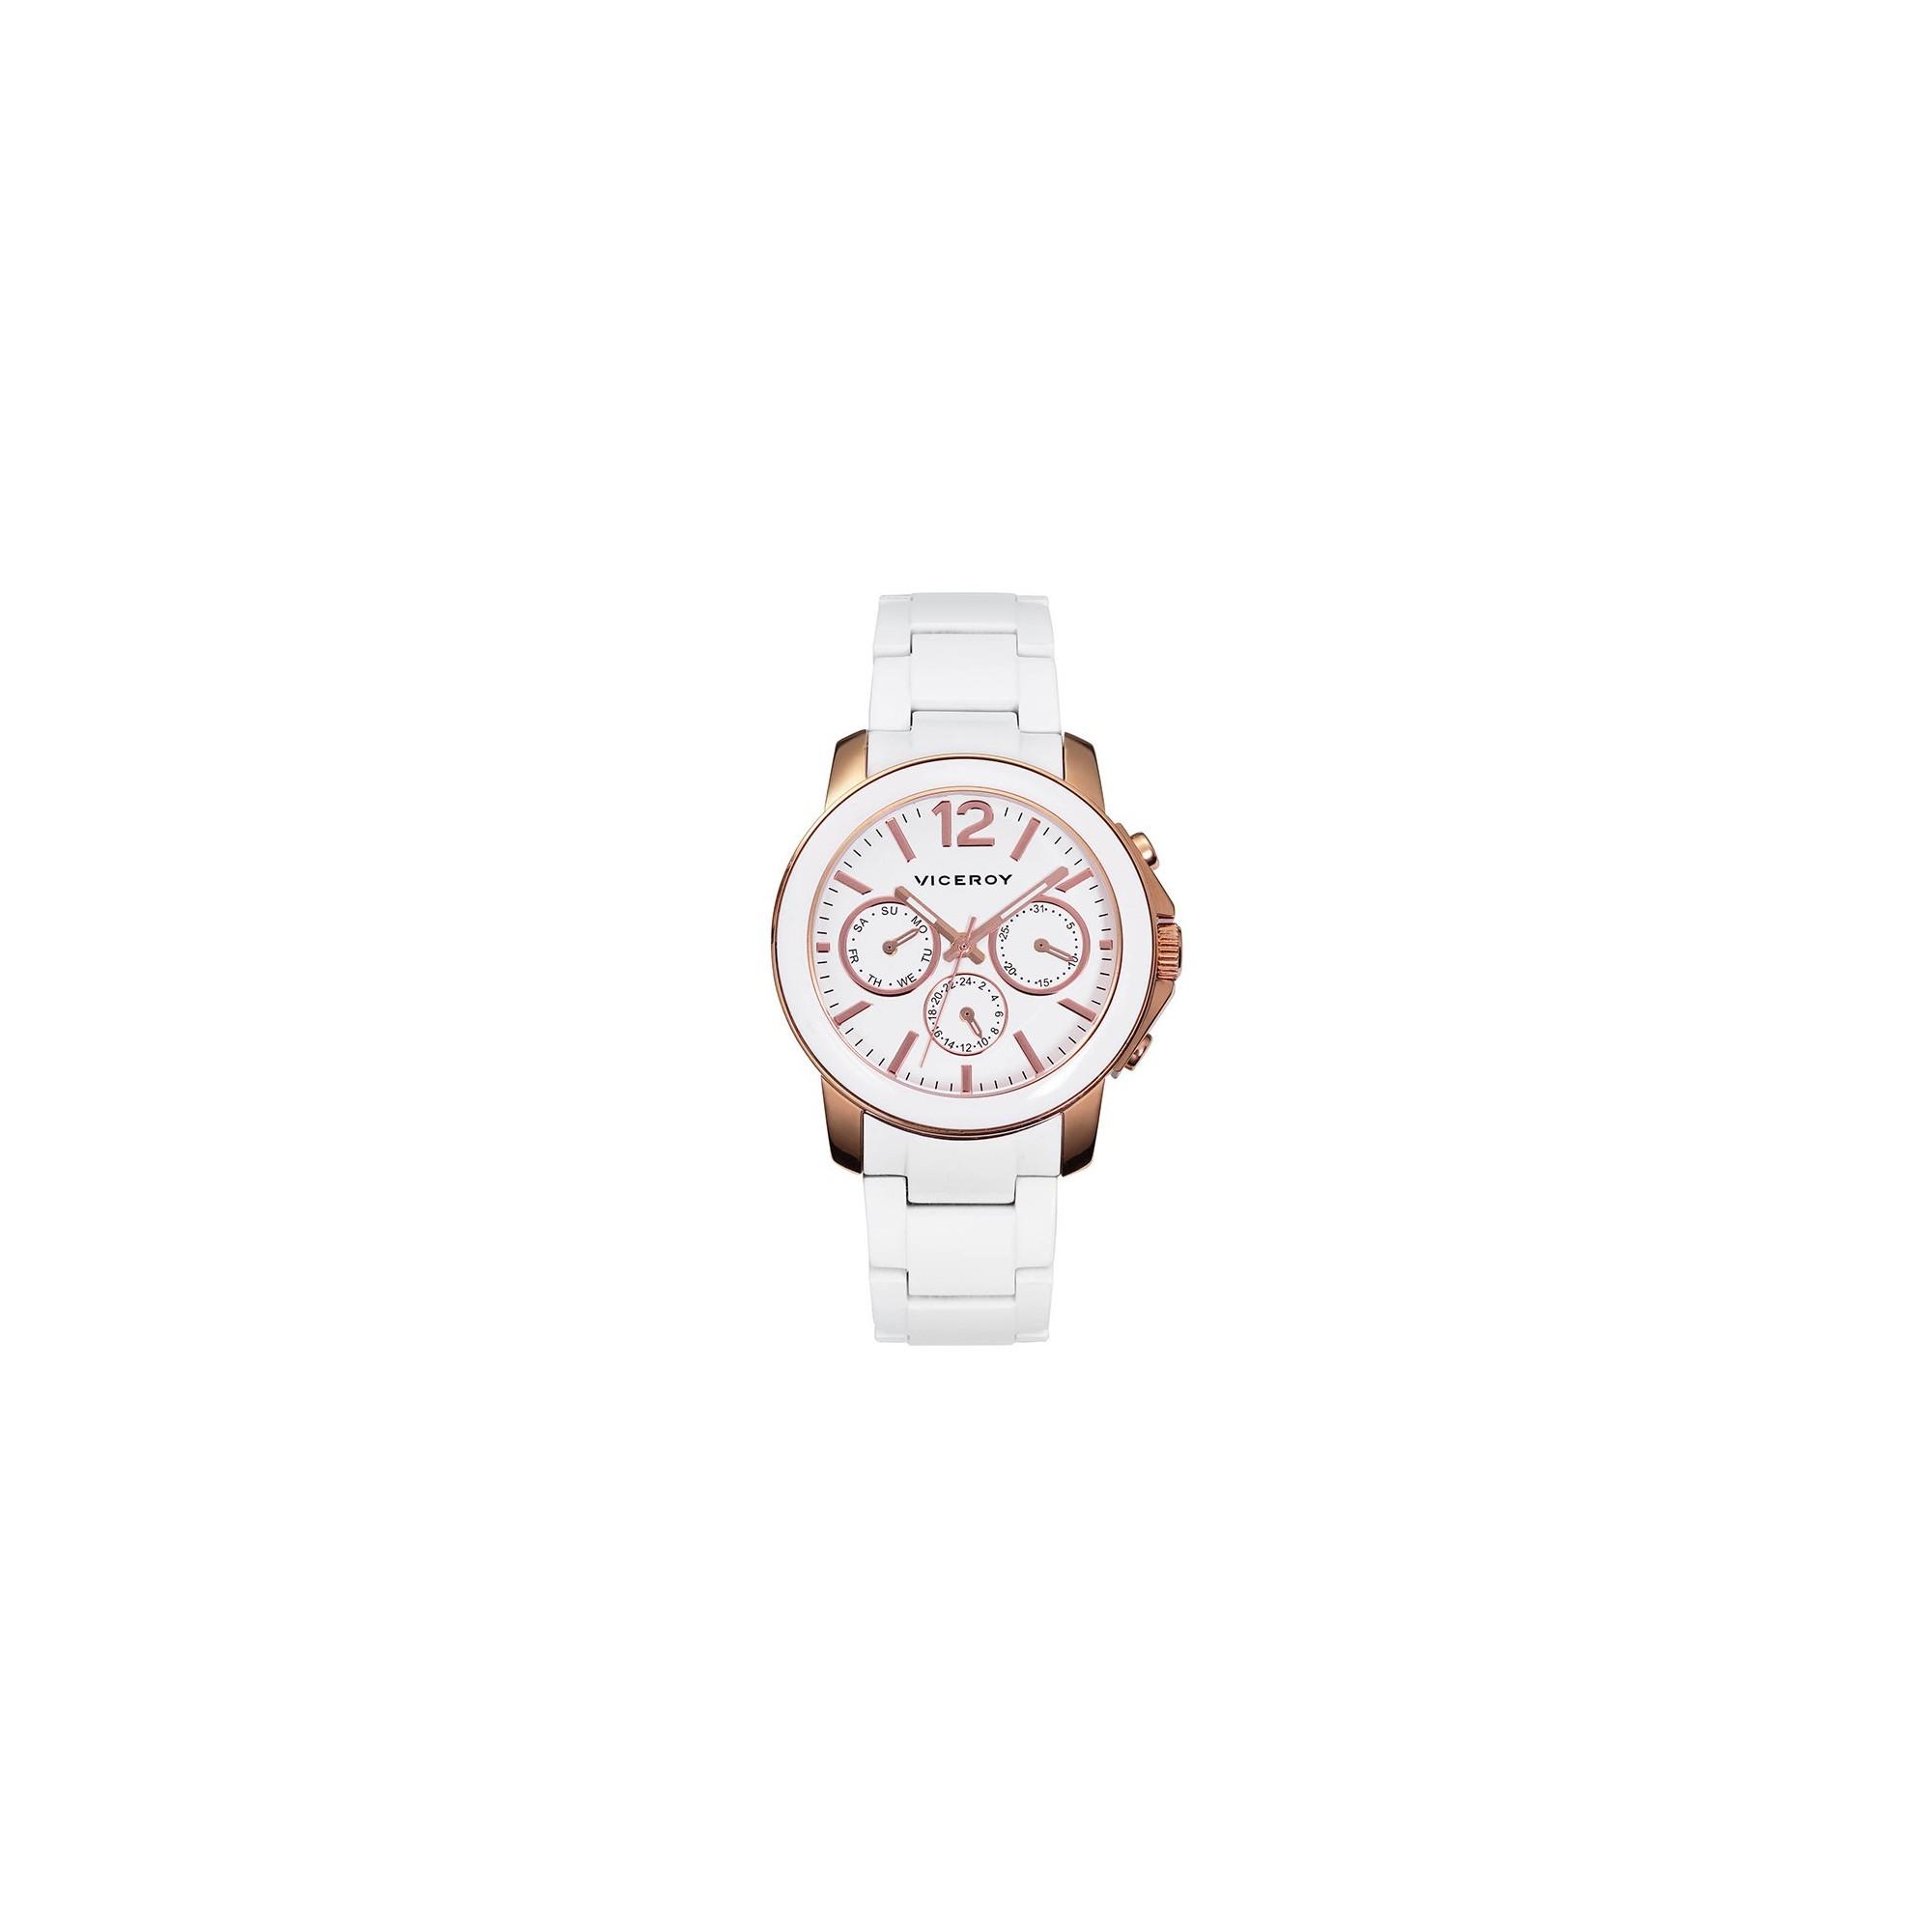 Reloj Chica Viceroy Femme Dorado Brazalete Blanco 47698 05